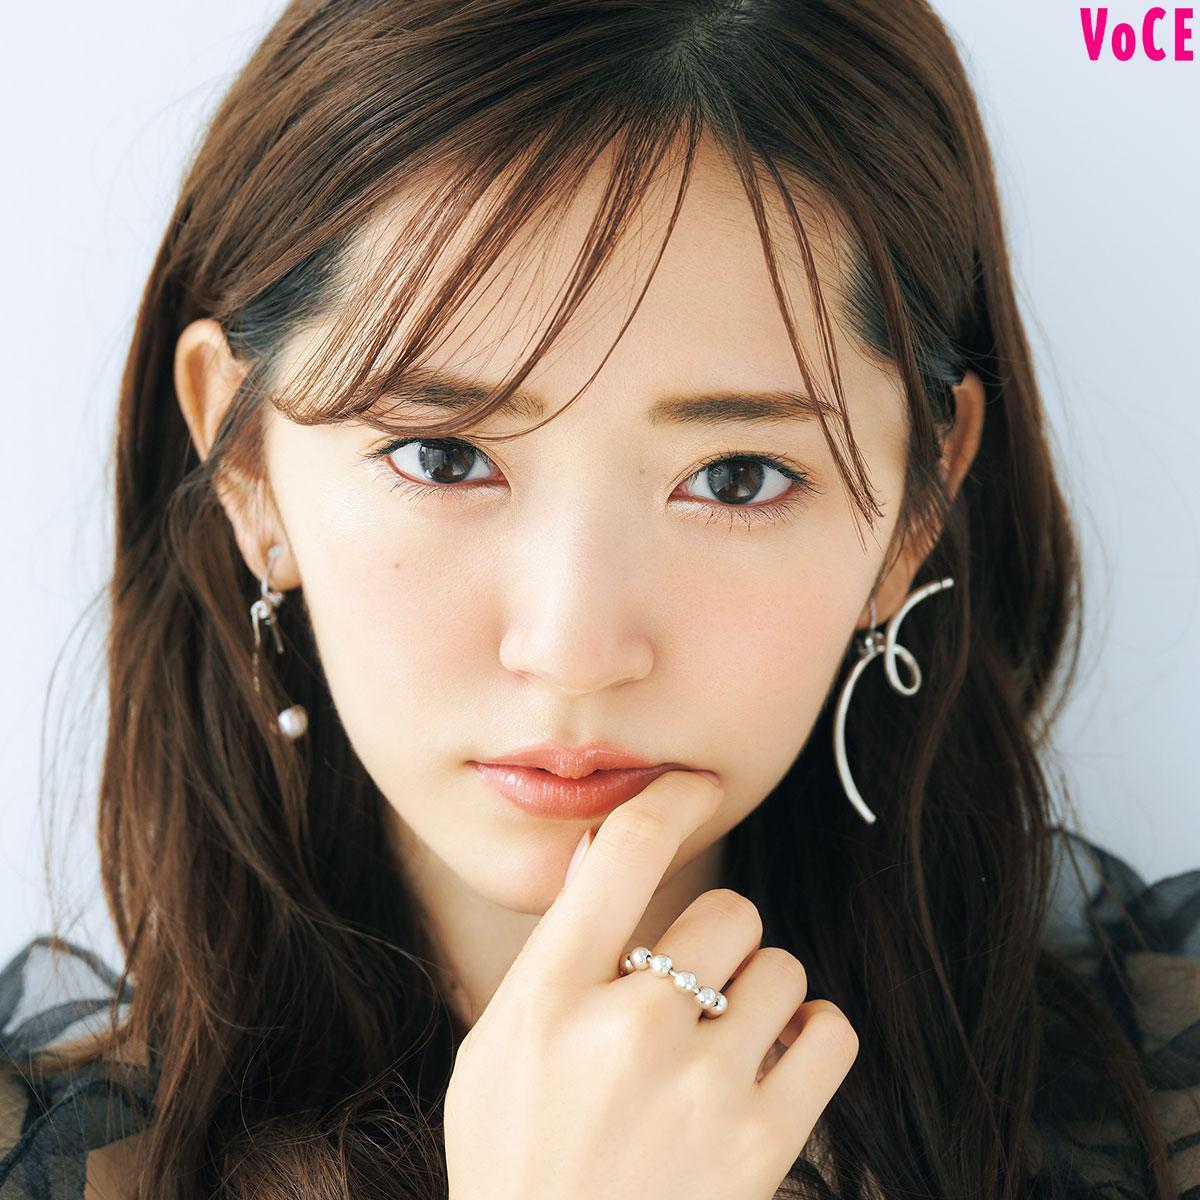 2020年VOCE11月号_鈴木愛理